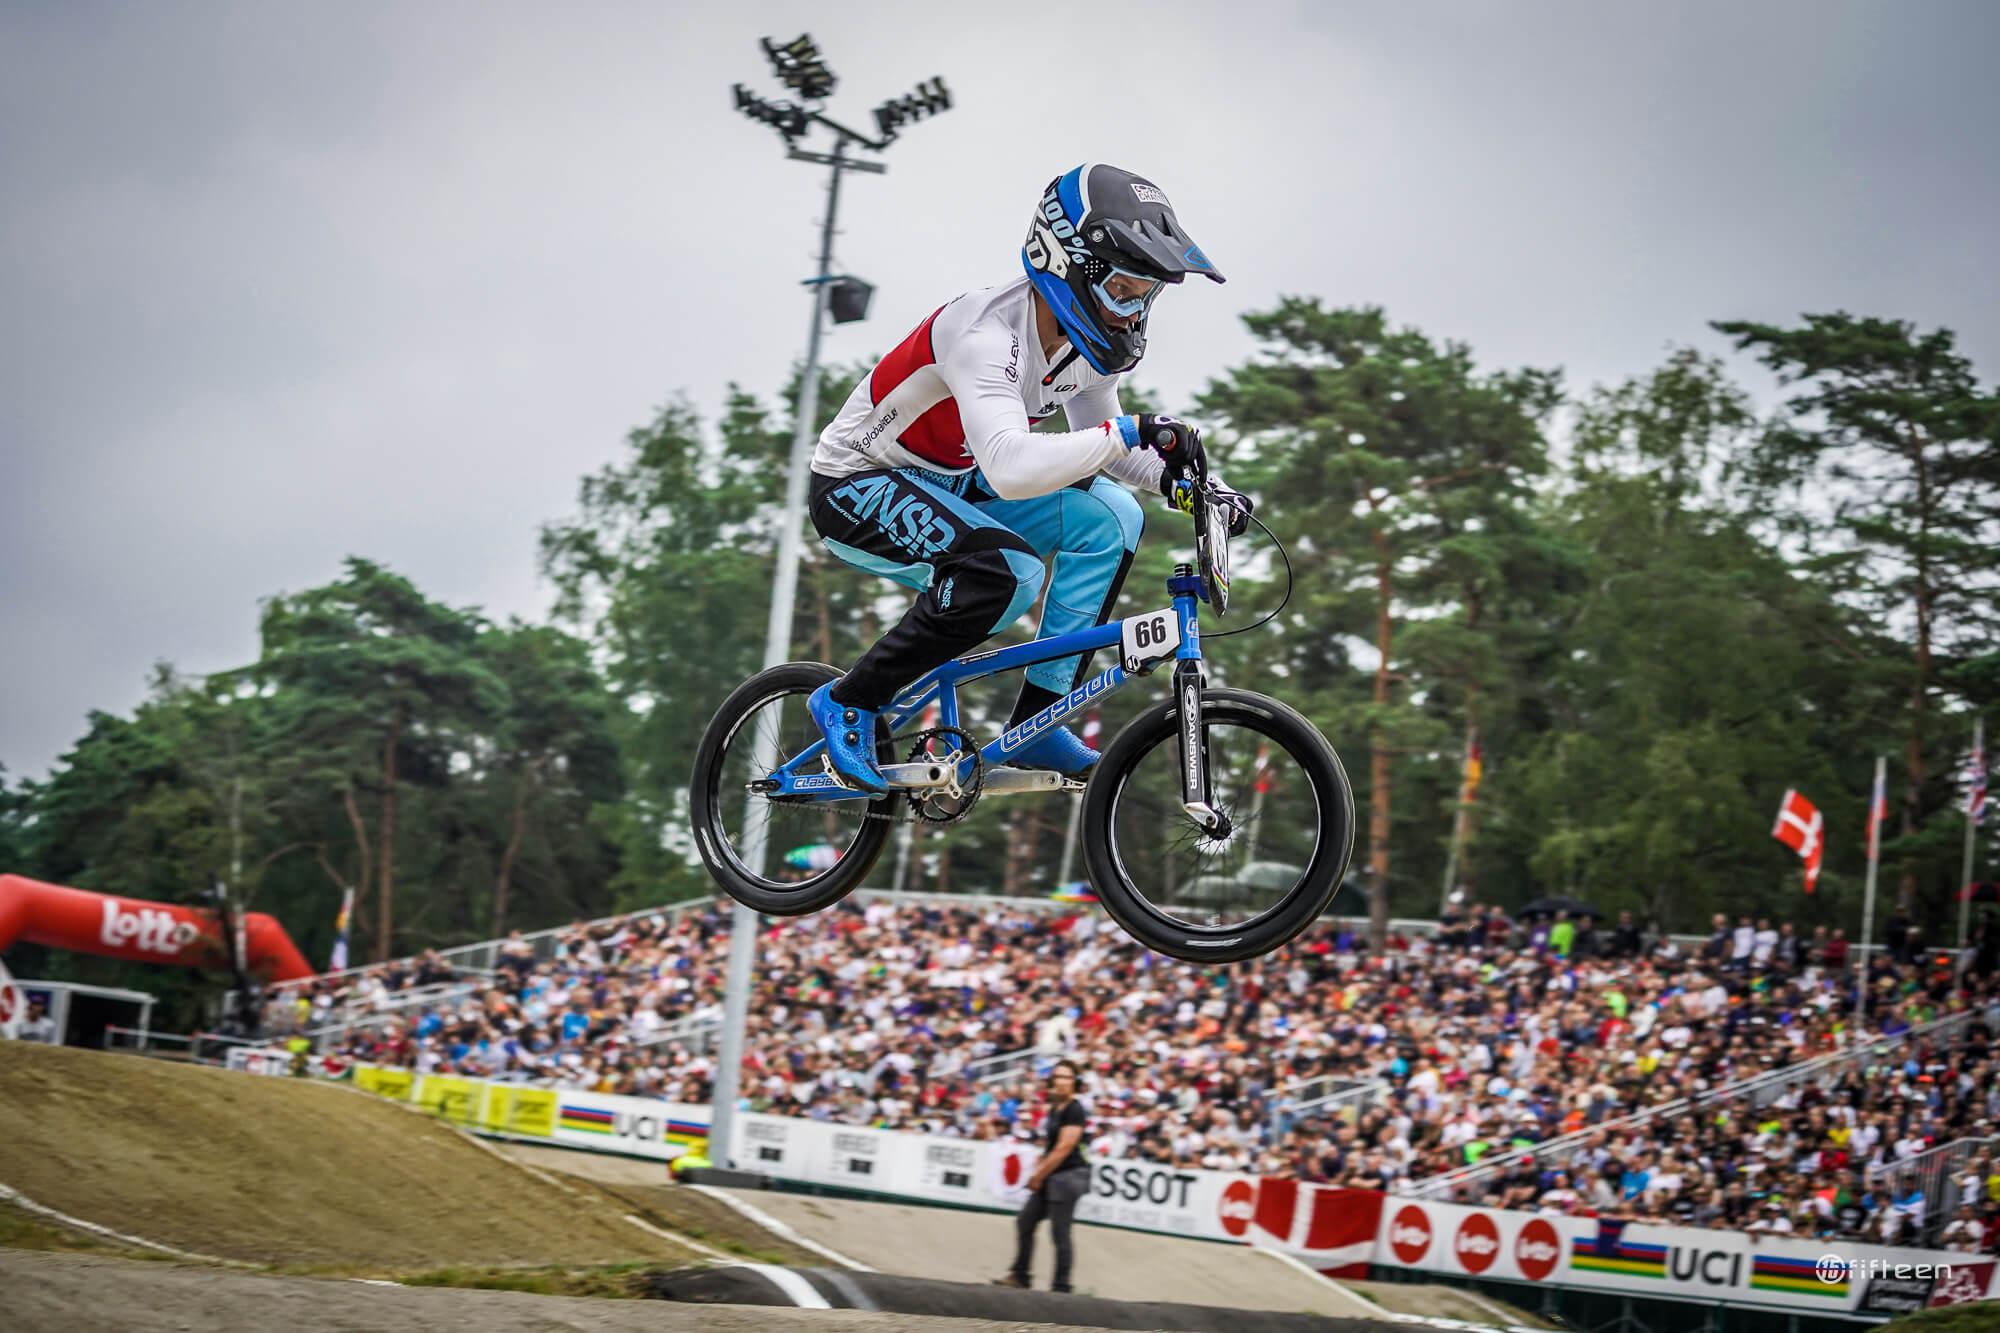 James Palmer -Fifteen BMX